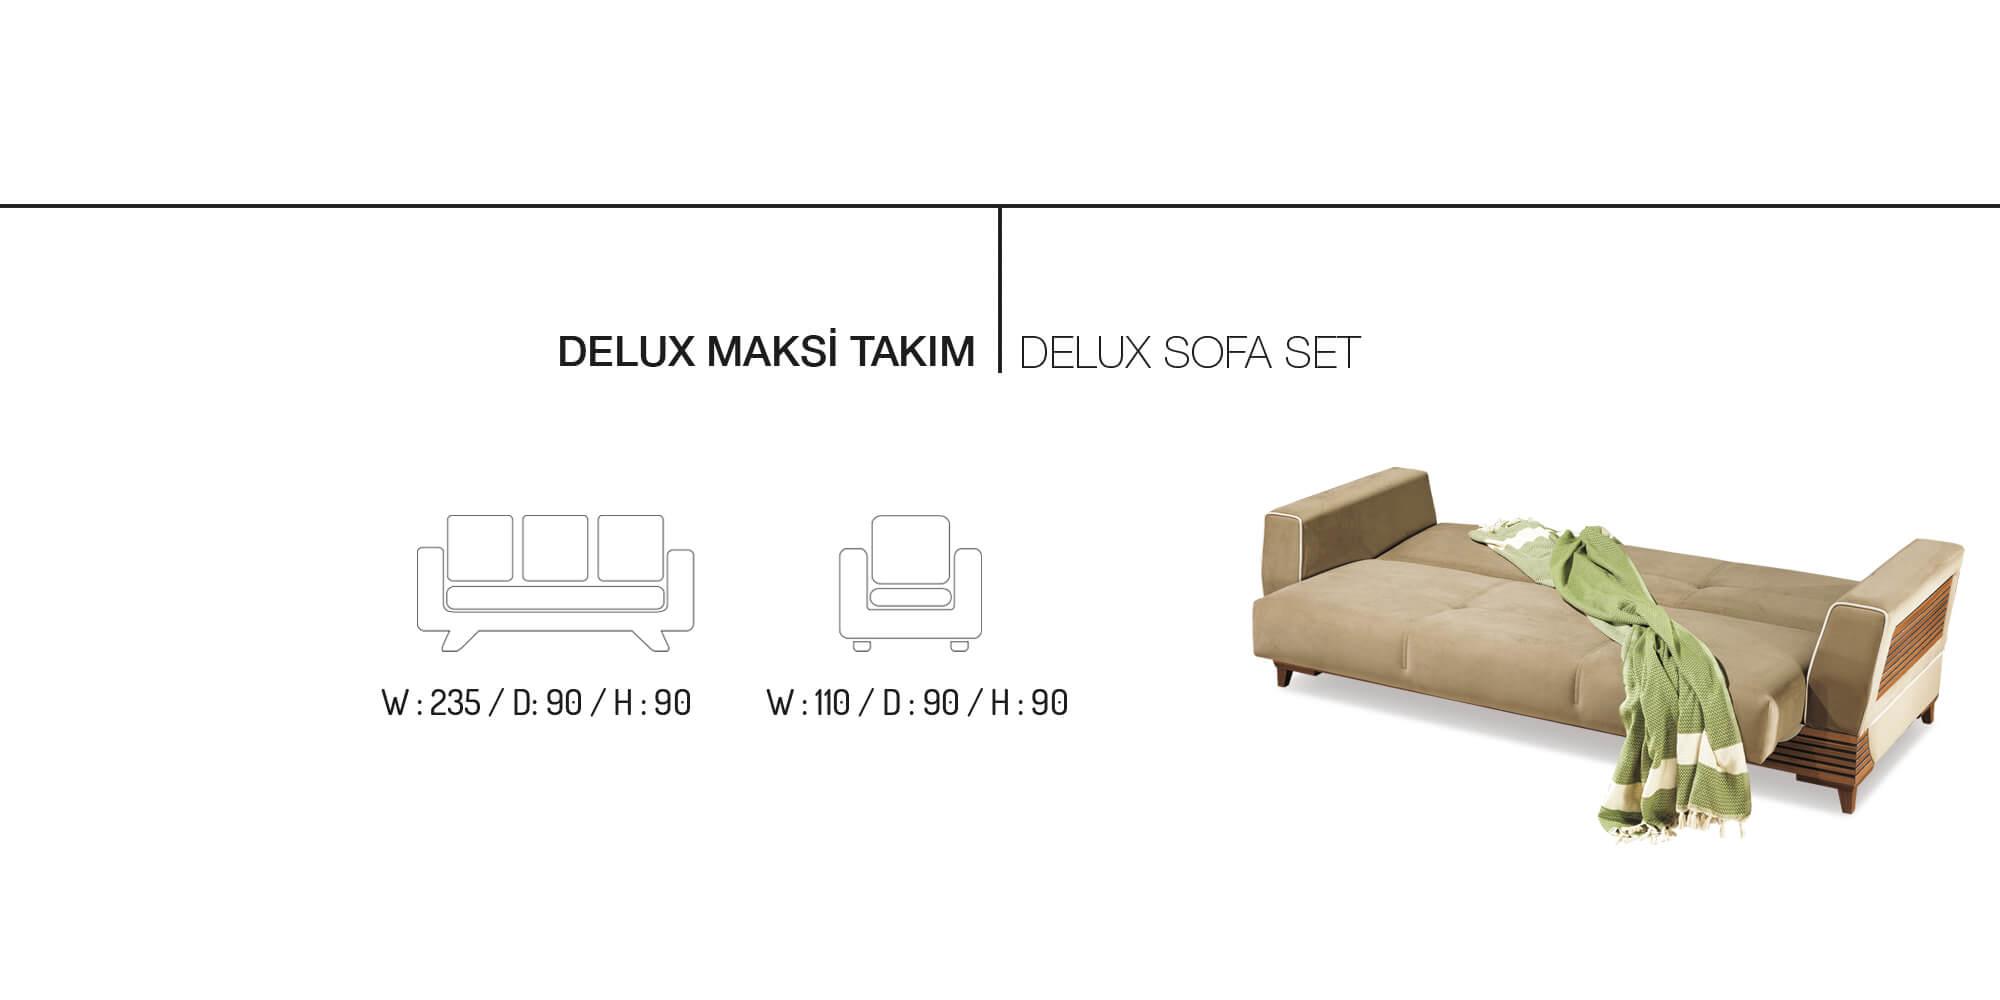 piramit-deluxe-sofa-set-4